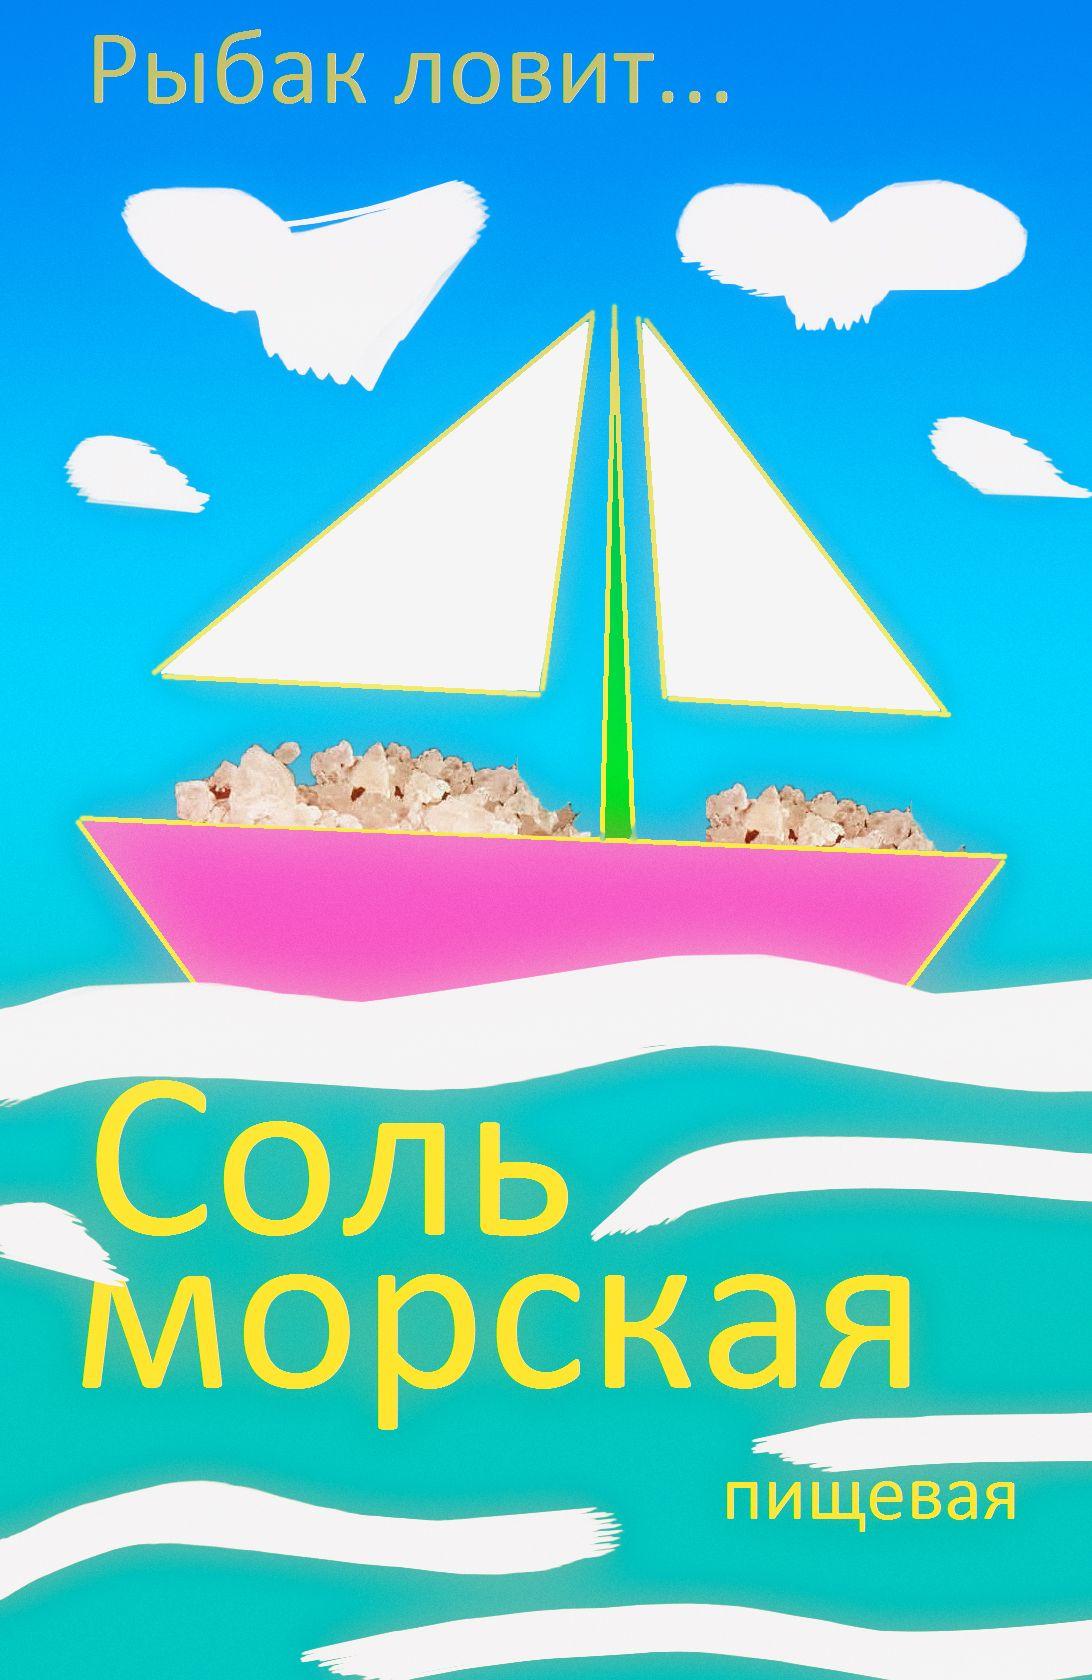 Дизайн этикетки для соли пищевой морской  - дизайнер Vegas66